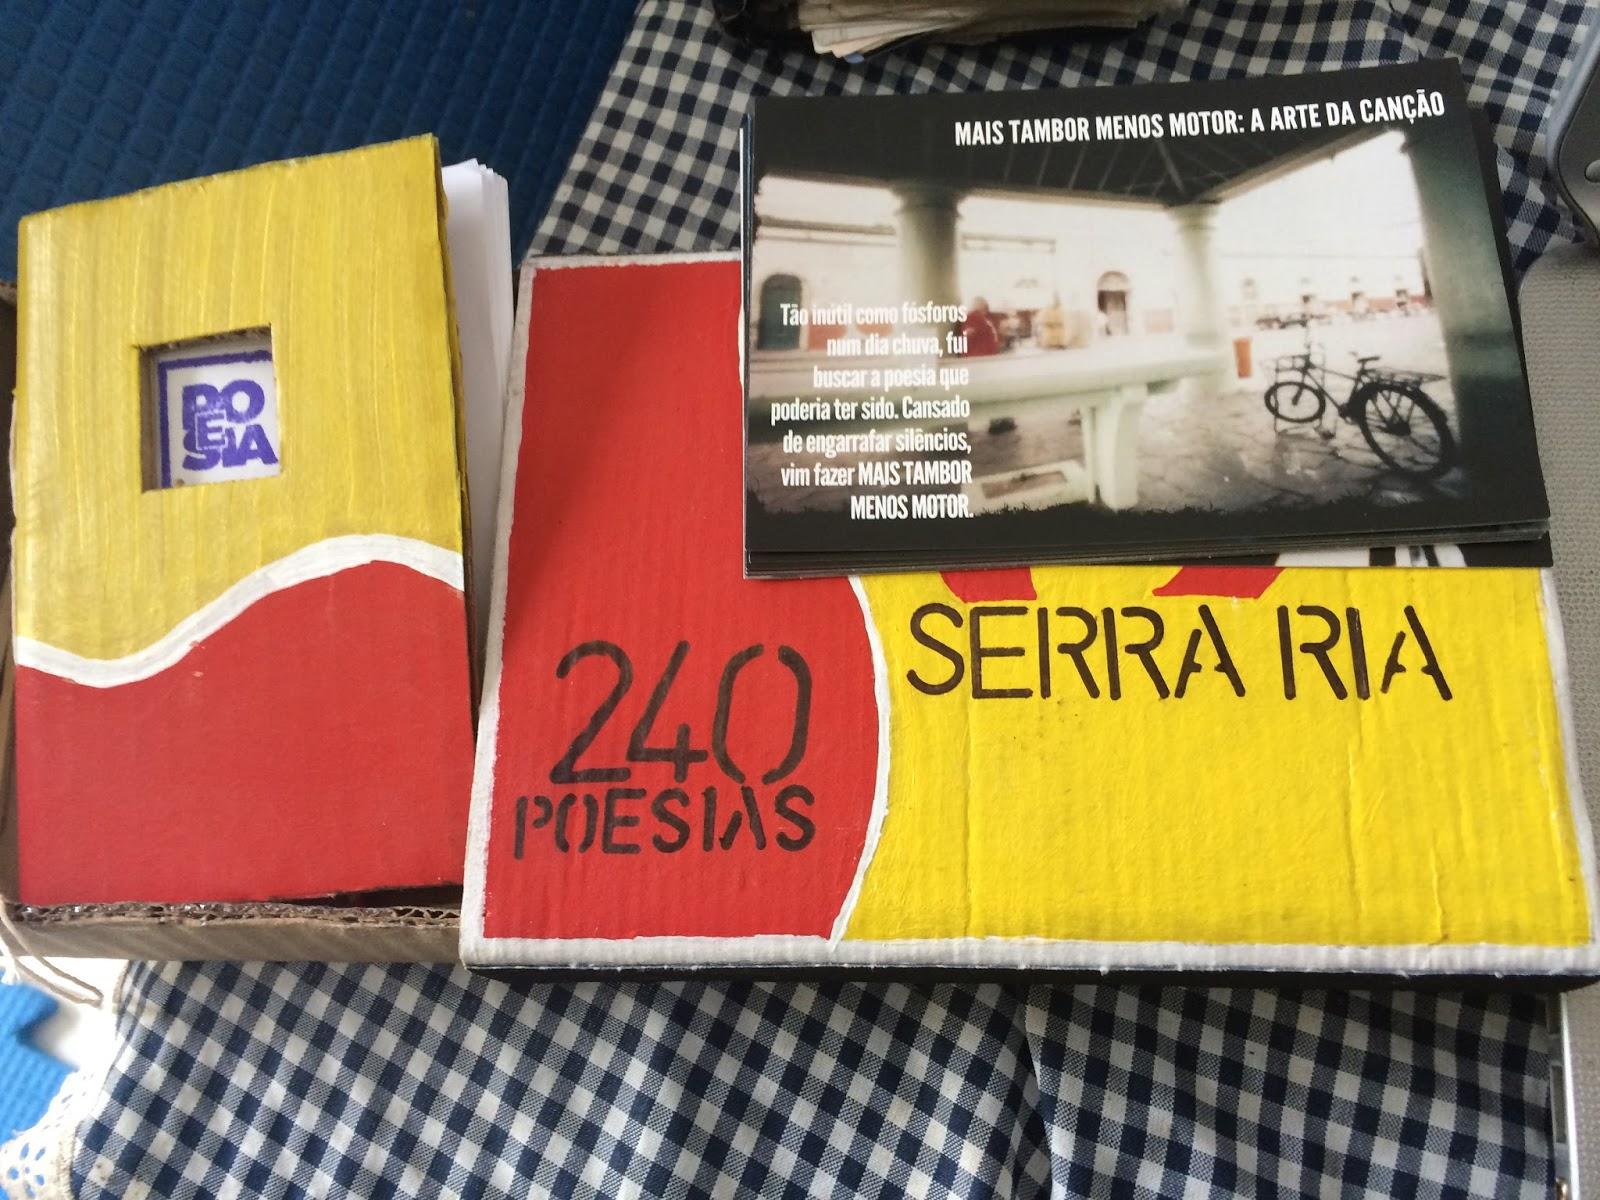 Resultado de imagem para Richard Serraria Mais tambor menos motor